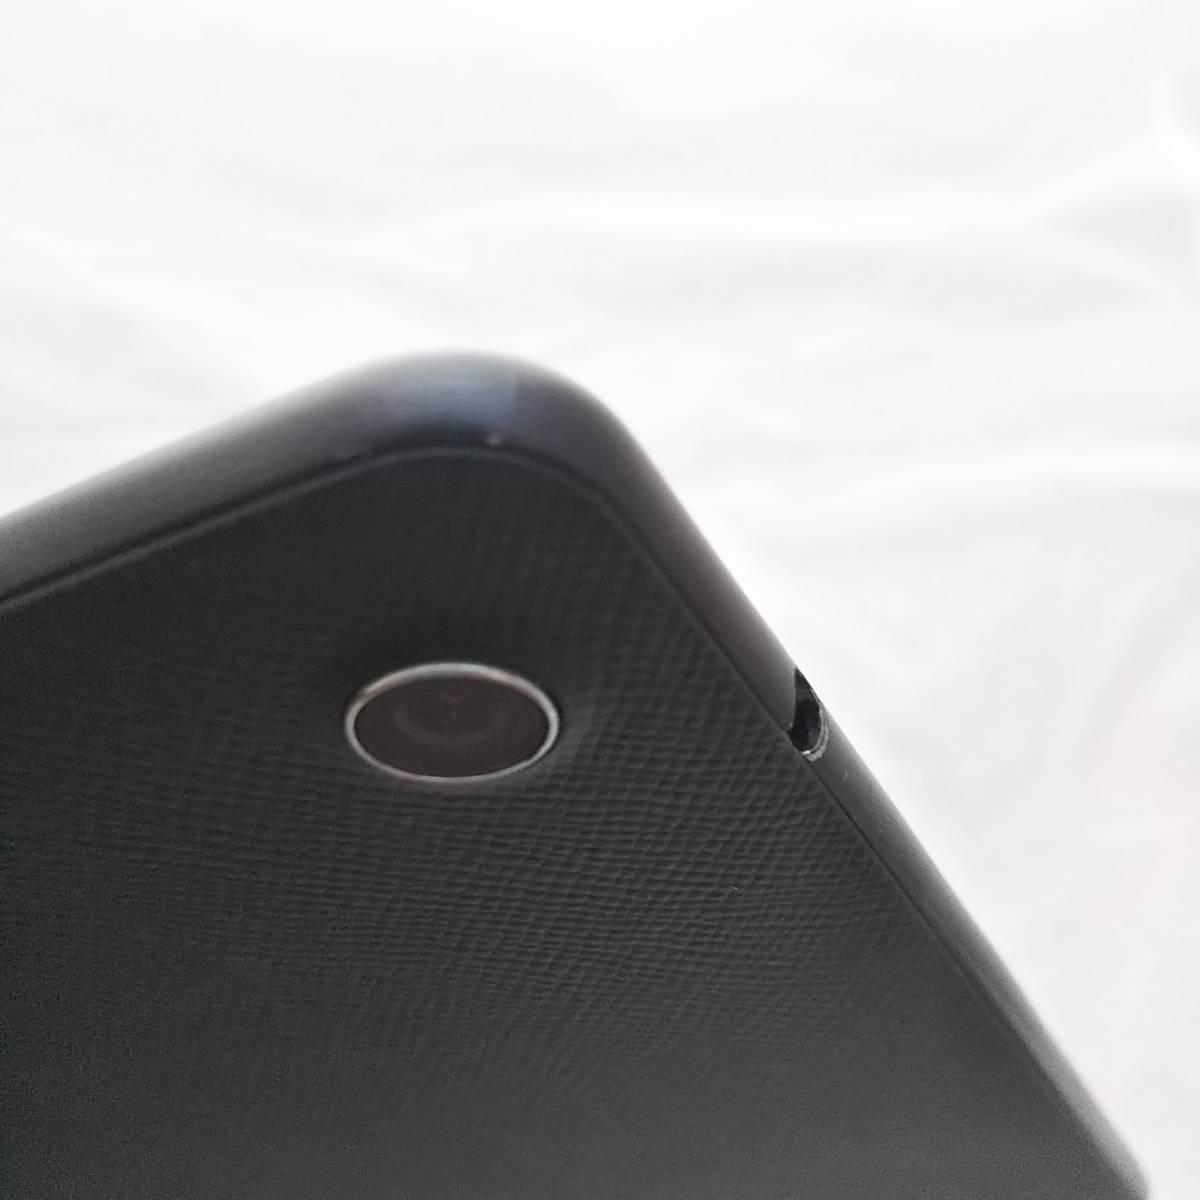 ジャンク ASUS ZenPad 3 8.0 Z581KL P008 SIMフリーモデル タブレット Android 7.0_画像10